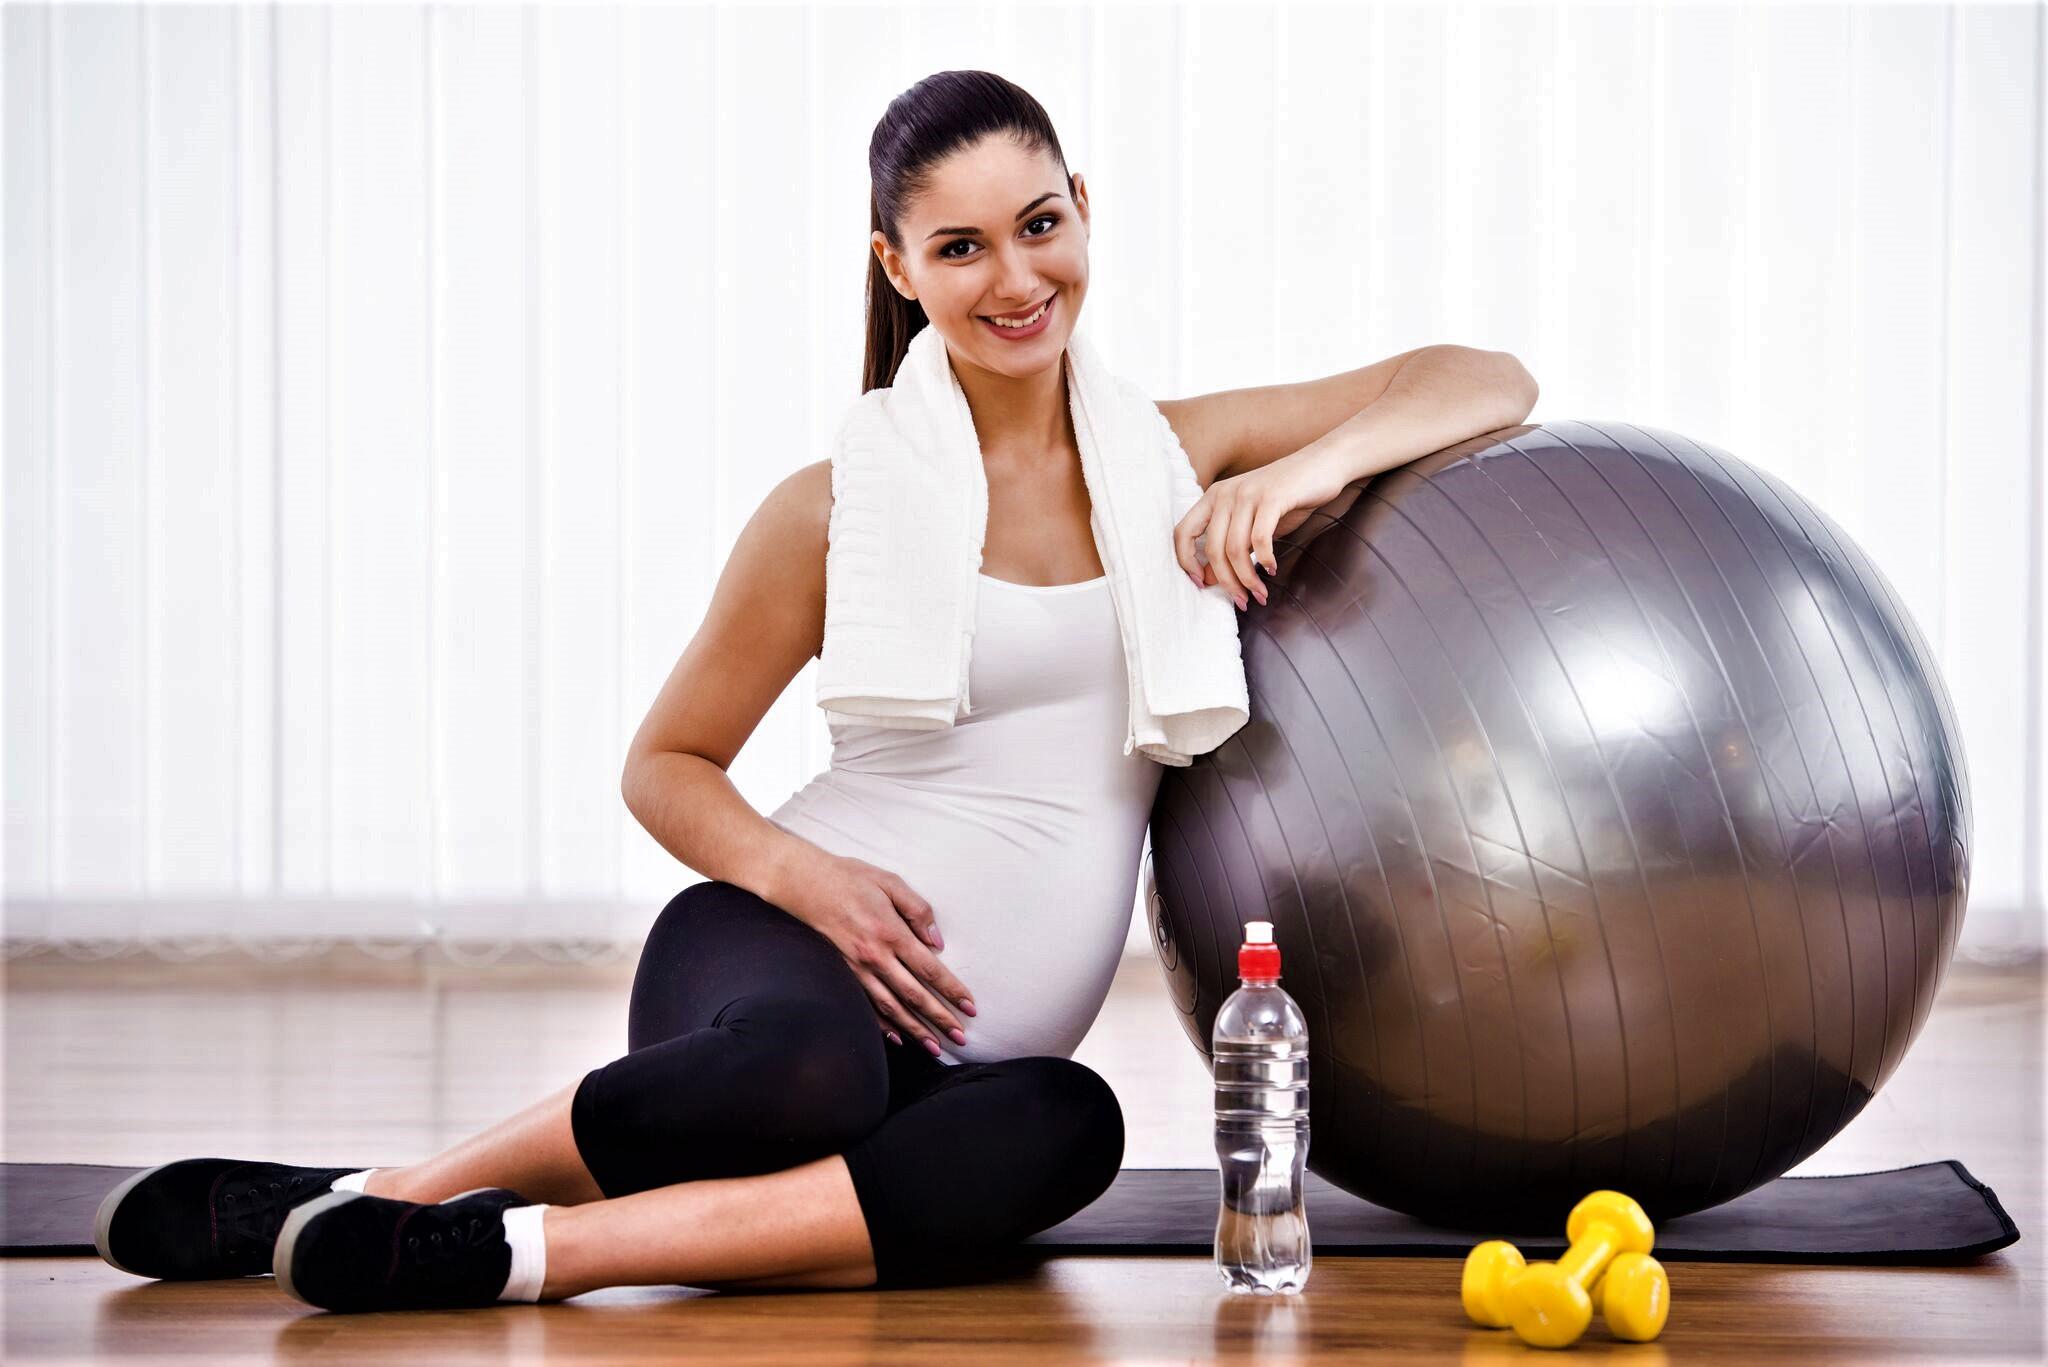 Йога для будущих мам. Индивидуальные занятия с тренером